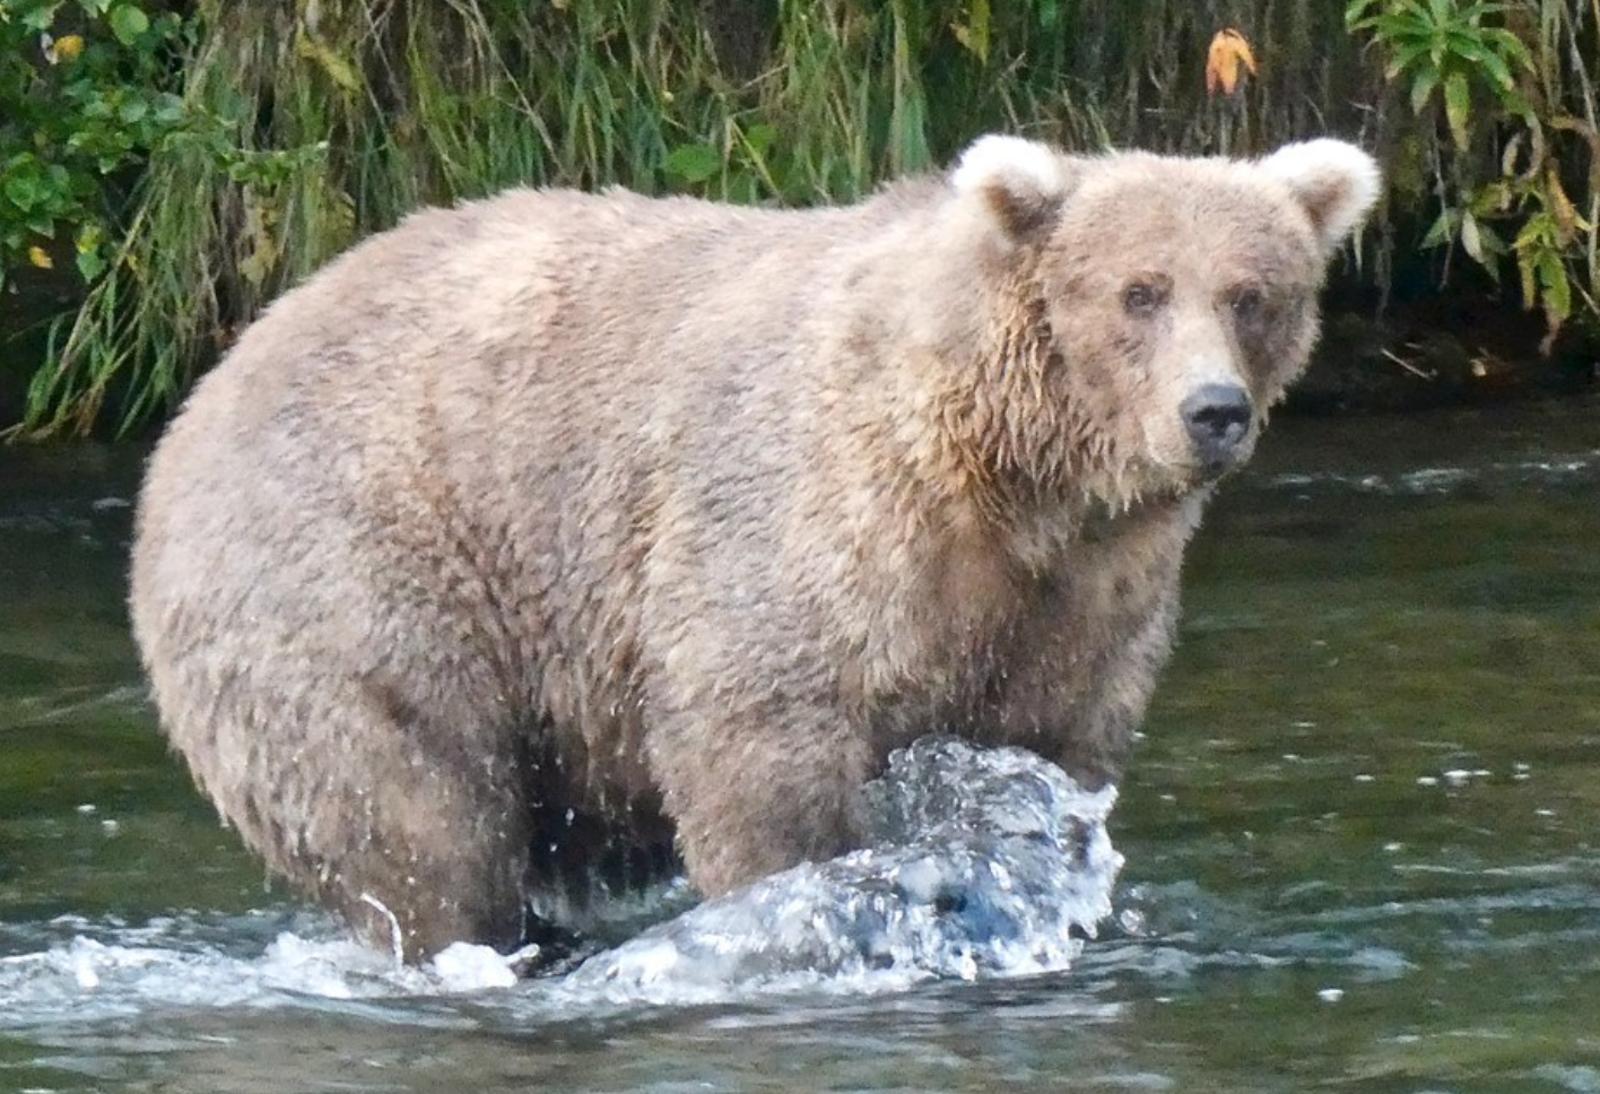 Grazer bear